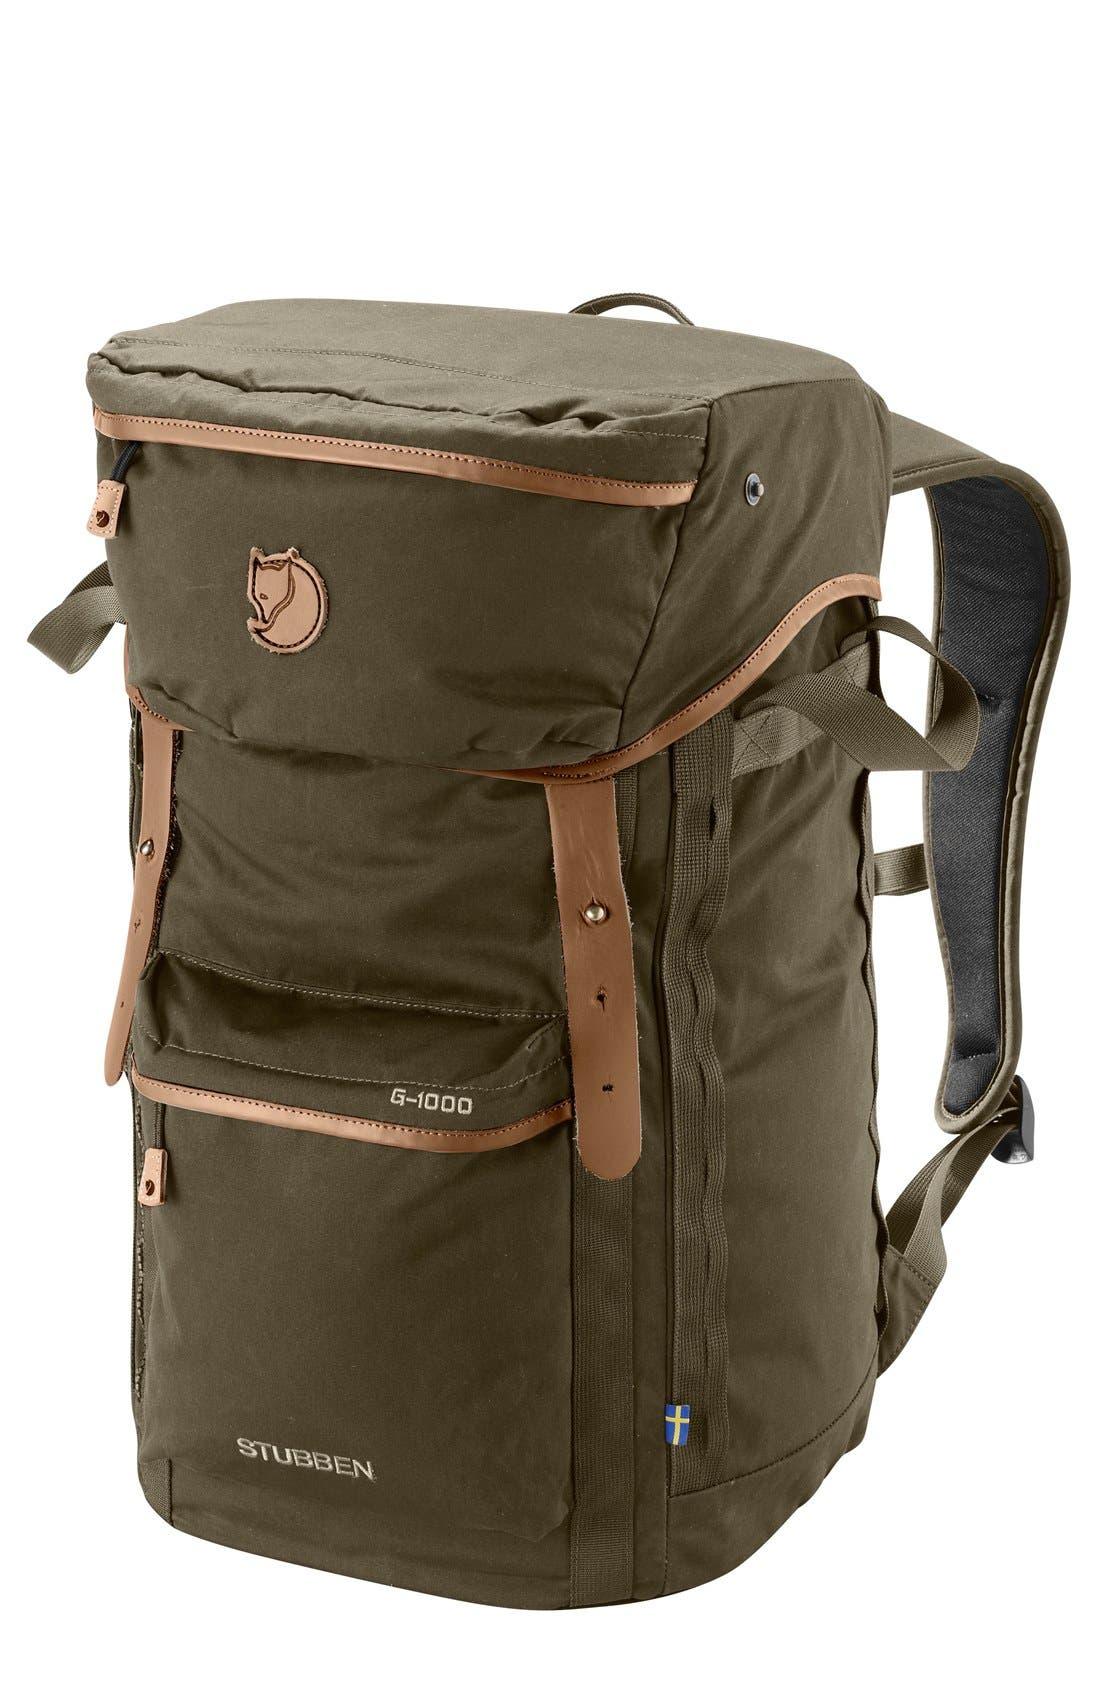 'Stubben' Backpack,                         Main,                         color, Dark Olive